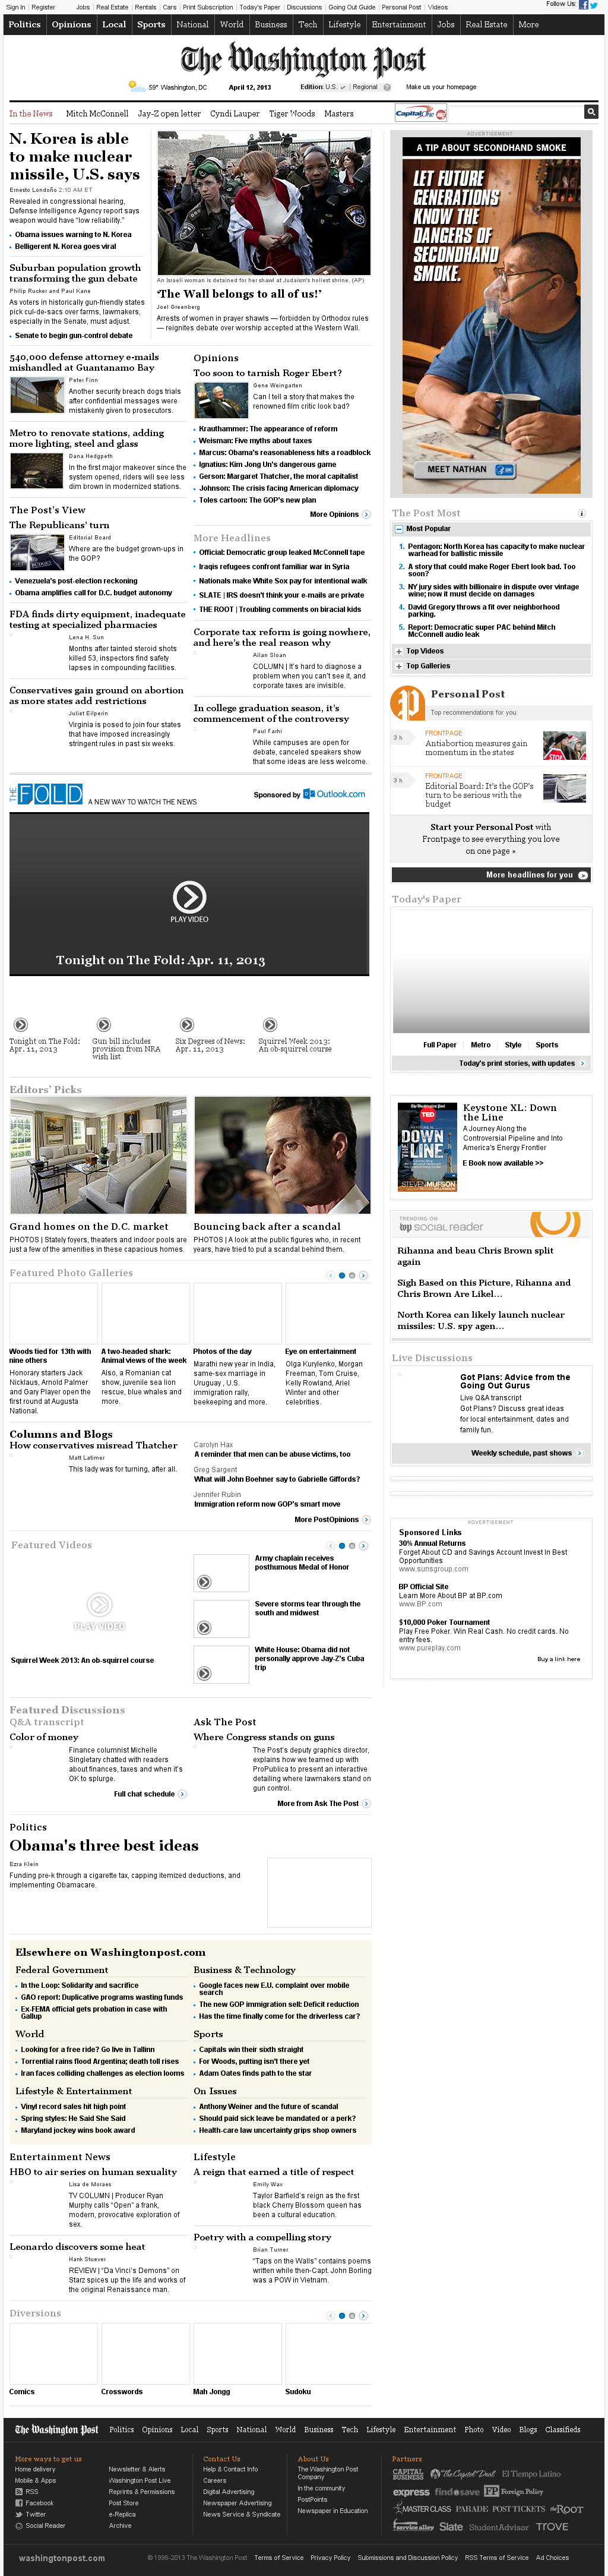 The Washington Post at Friday April 12, 2013, 4:31 a.m. UTC